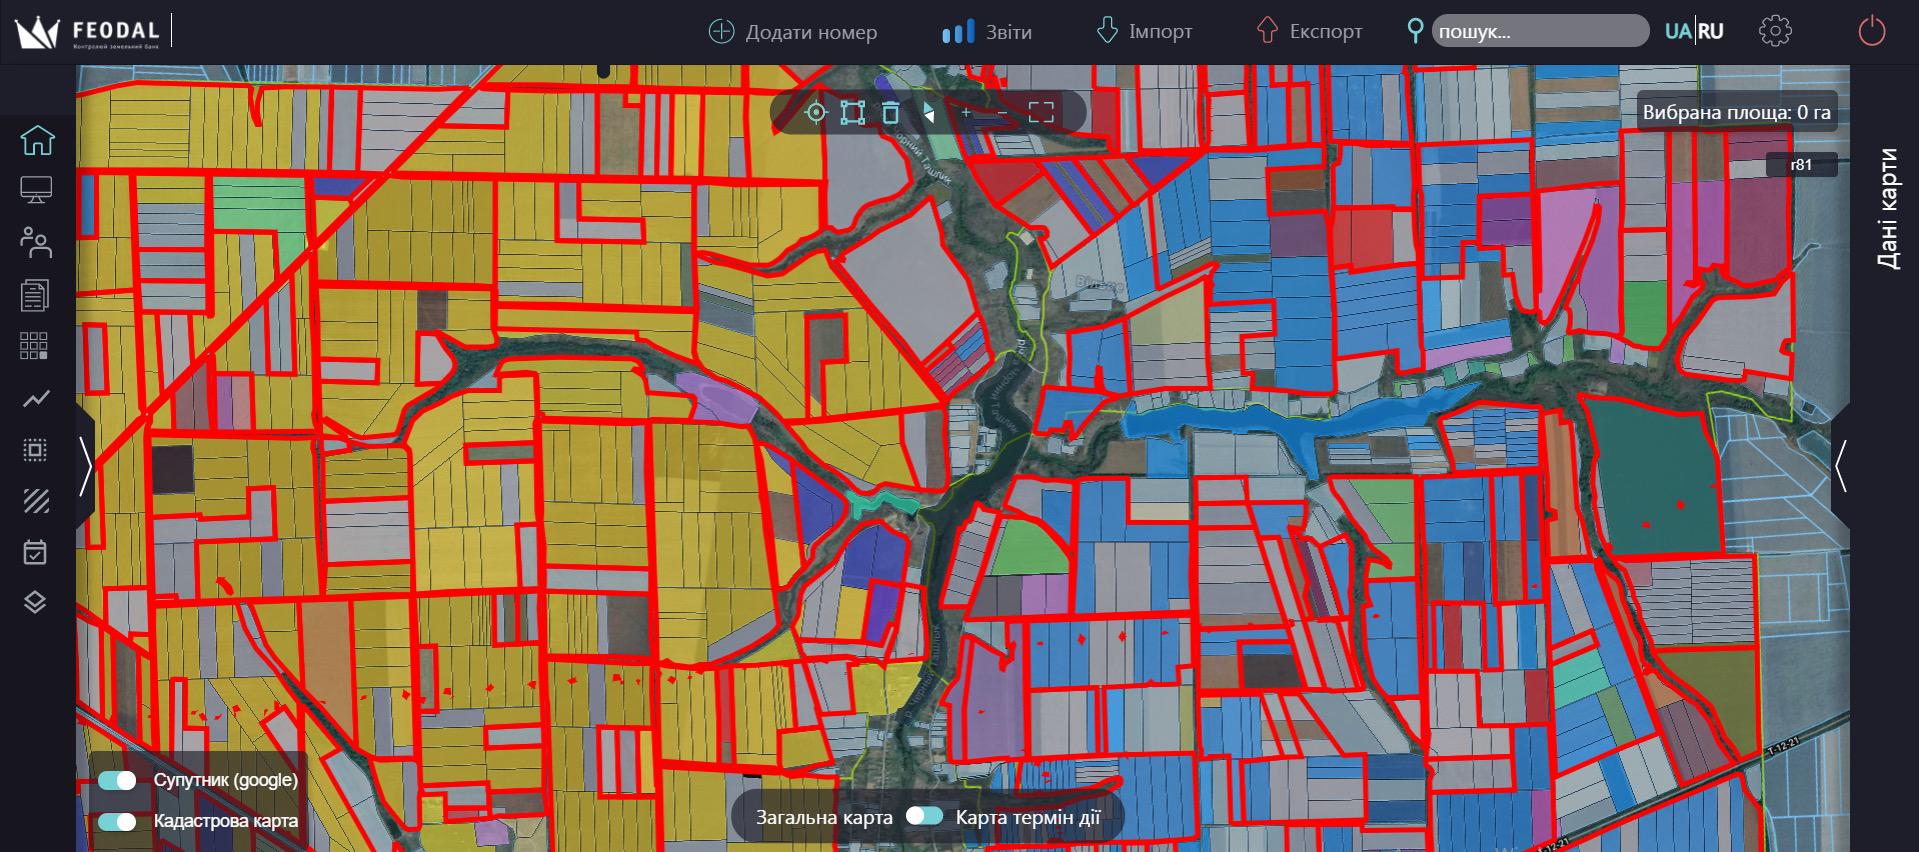 Карта пользователей земельных участков Feodal